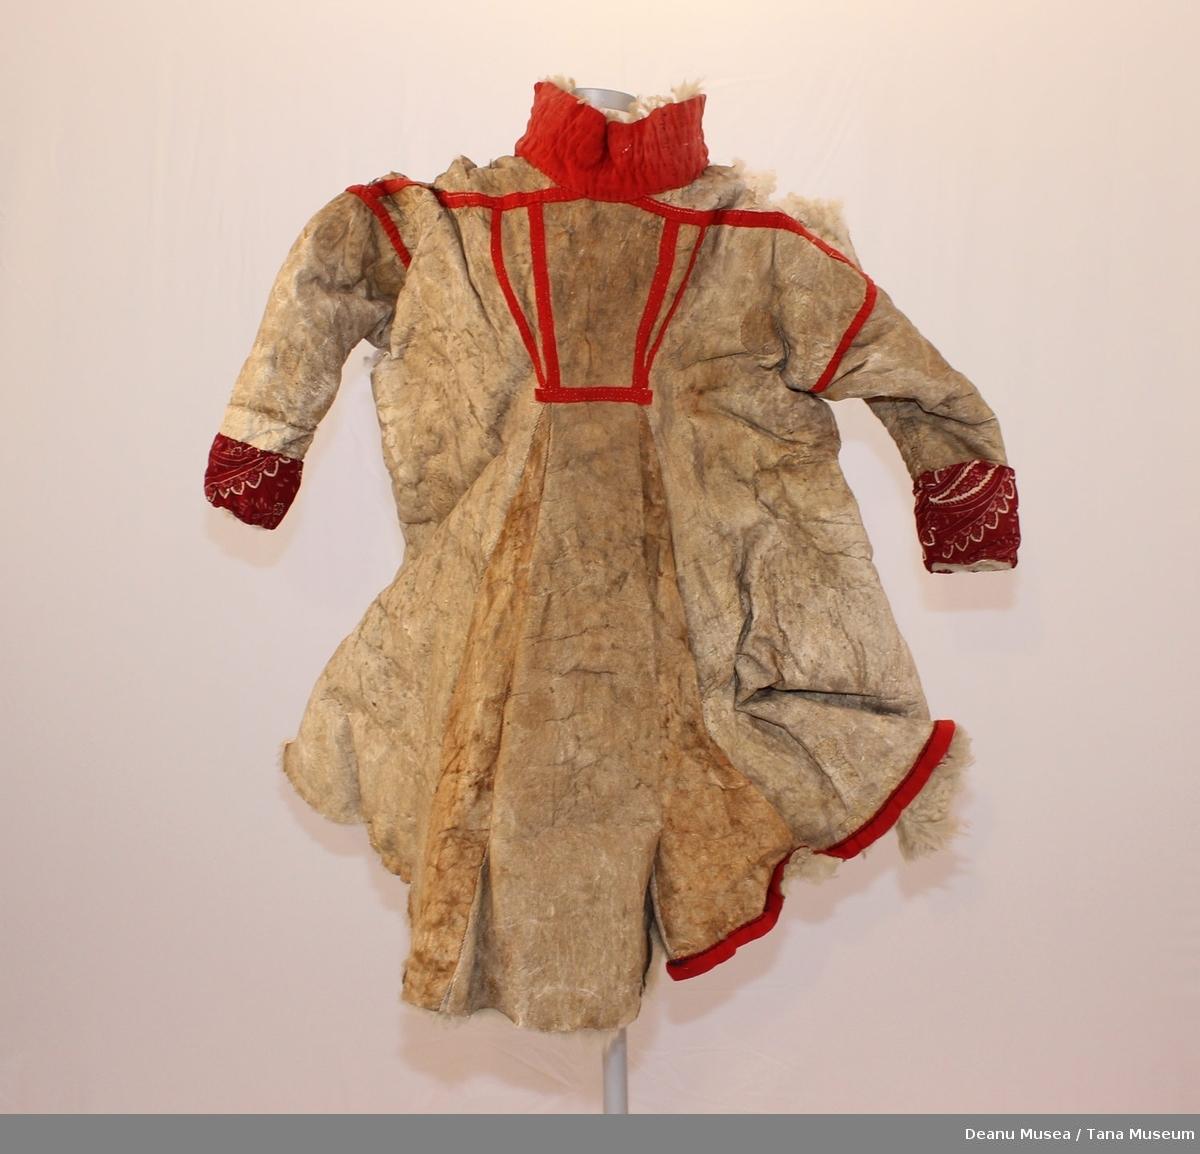 Dork av hvit saueskinn. Rød mønstret klede ermer og hals.